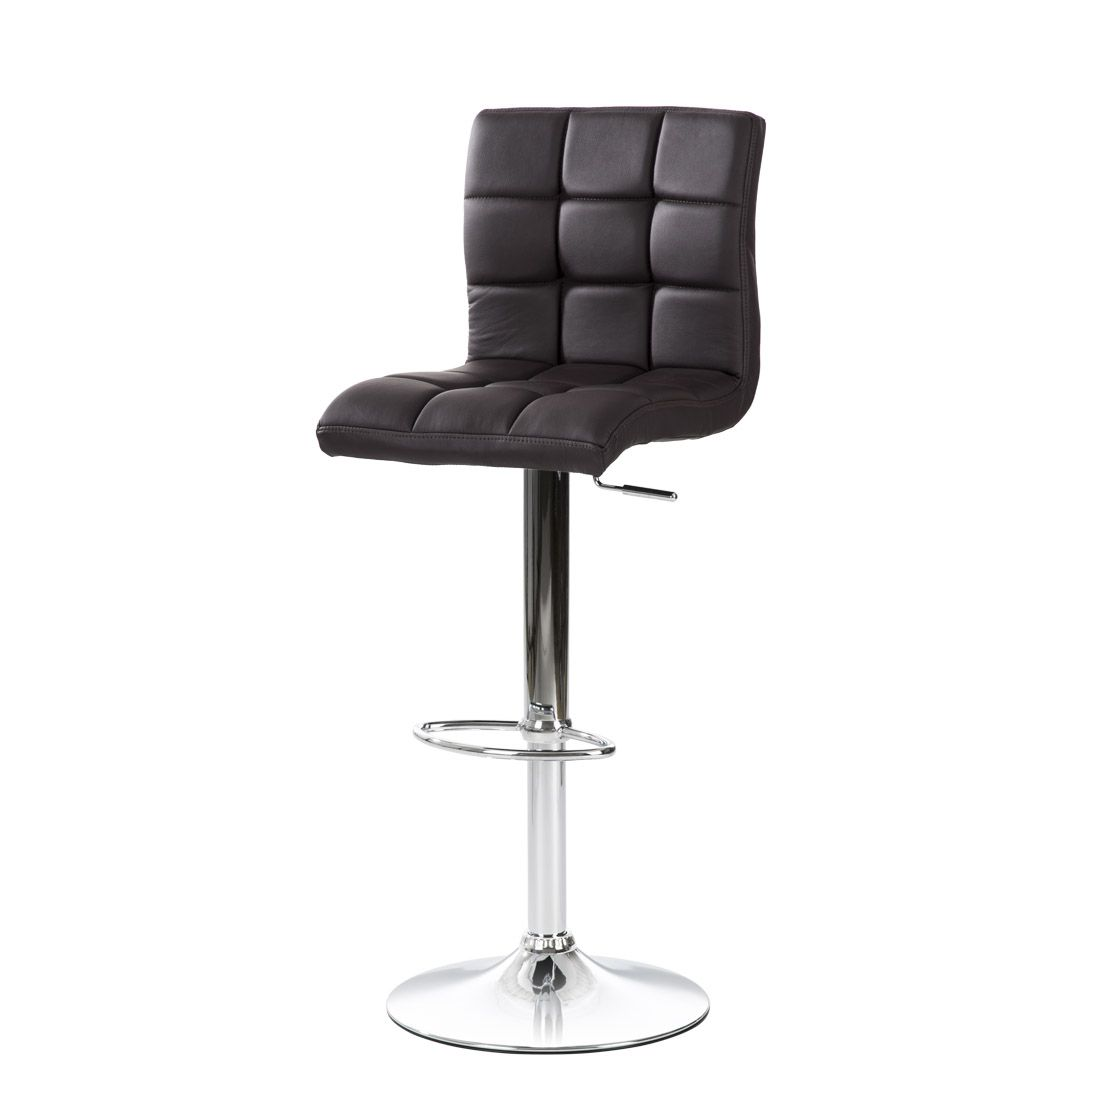 barhocker style 2er set grau fredriks m bel online kaufen. Black Bedroom Furniture Sets. Home Design Ideas